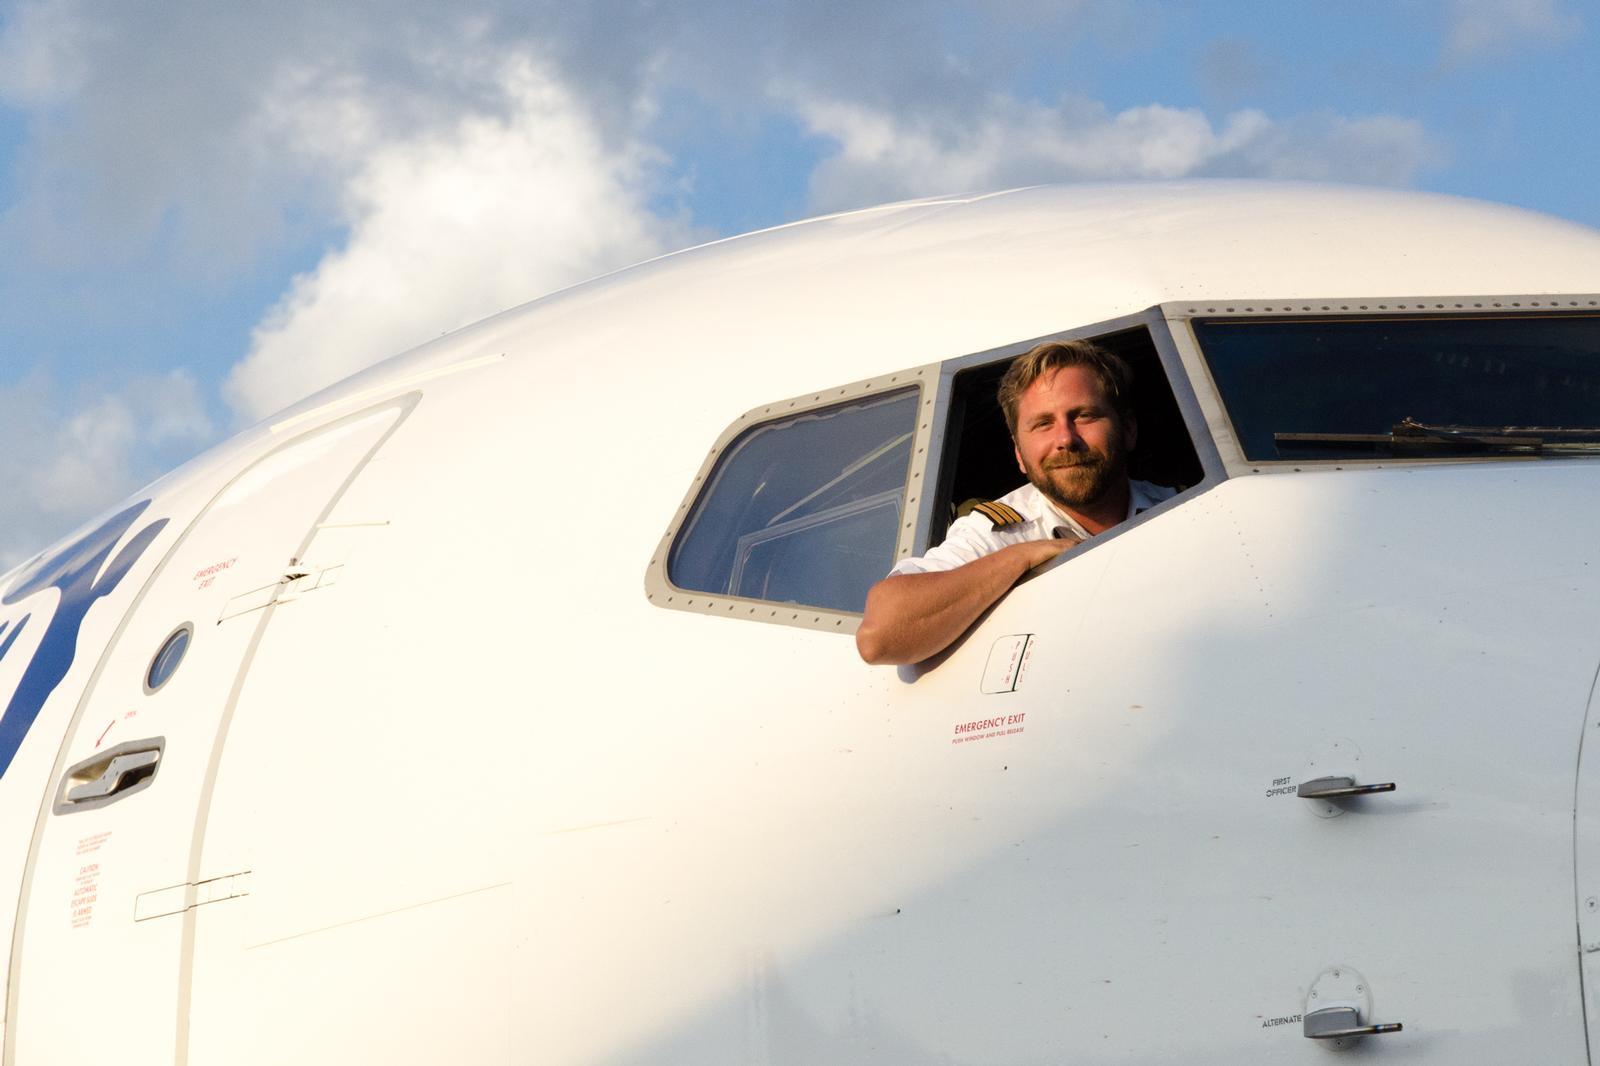 Pilot på Ryanair-fly i Billund Lufthavn. (Arkivfoto: Morten Lund Tiirikainen)